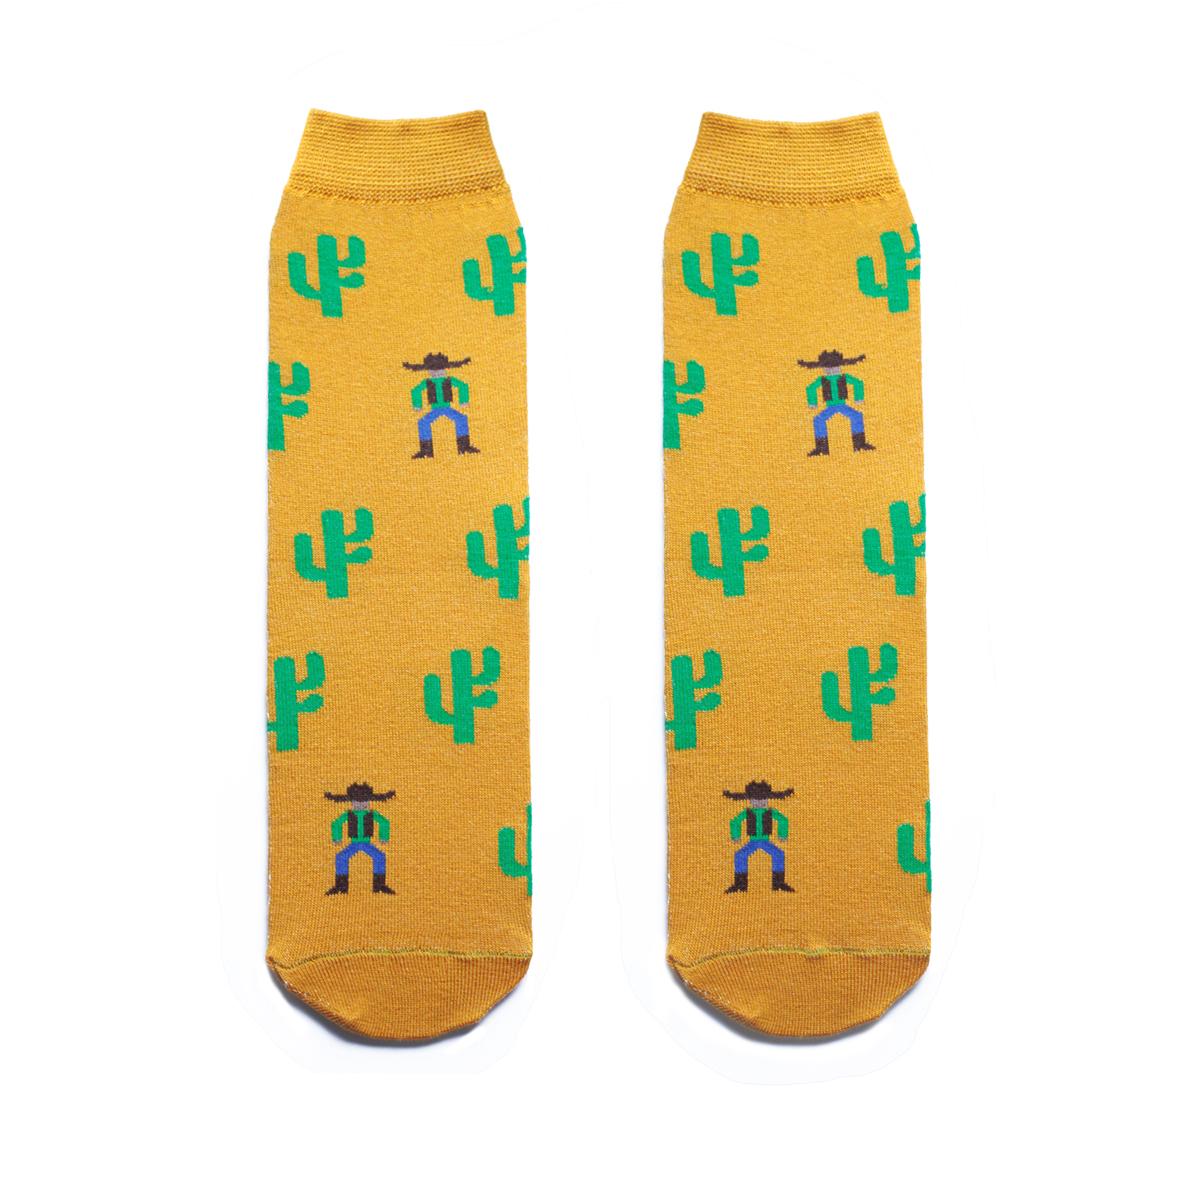 Носкиs2121Яркие женские носки Big Bang Socks изготовлены из высококачественного хлопка с добавлением полиамидных и эластановых волокон, которые обеспечивают великолепную посадку. Носки отличаются ярким стильным дизайном, они оформлены изображением кактусов и ковбоев. Удобная резинка идеально облегает ногу и не пережимает сосуды, усиленные пятка и мысок повышают износоустойчивость носка, а удлиненный паголенок придает более эстетичный вид. Дизайнерские носки Big Bang Socks - яркая деталь в вашем образе и оригинальный подарок для друзей и близких.